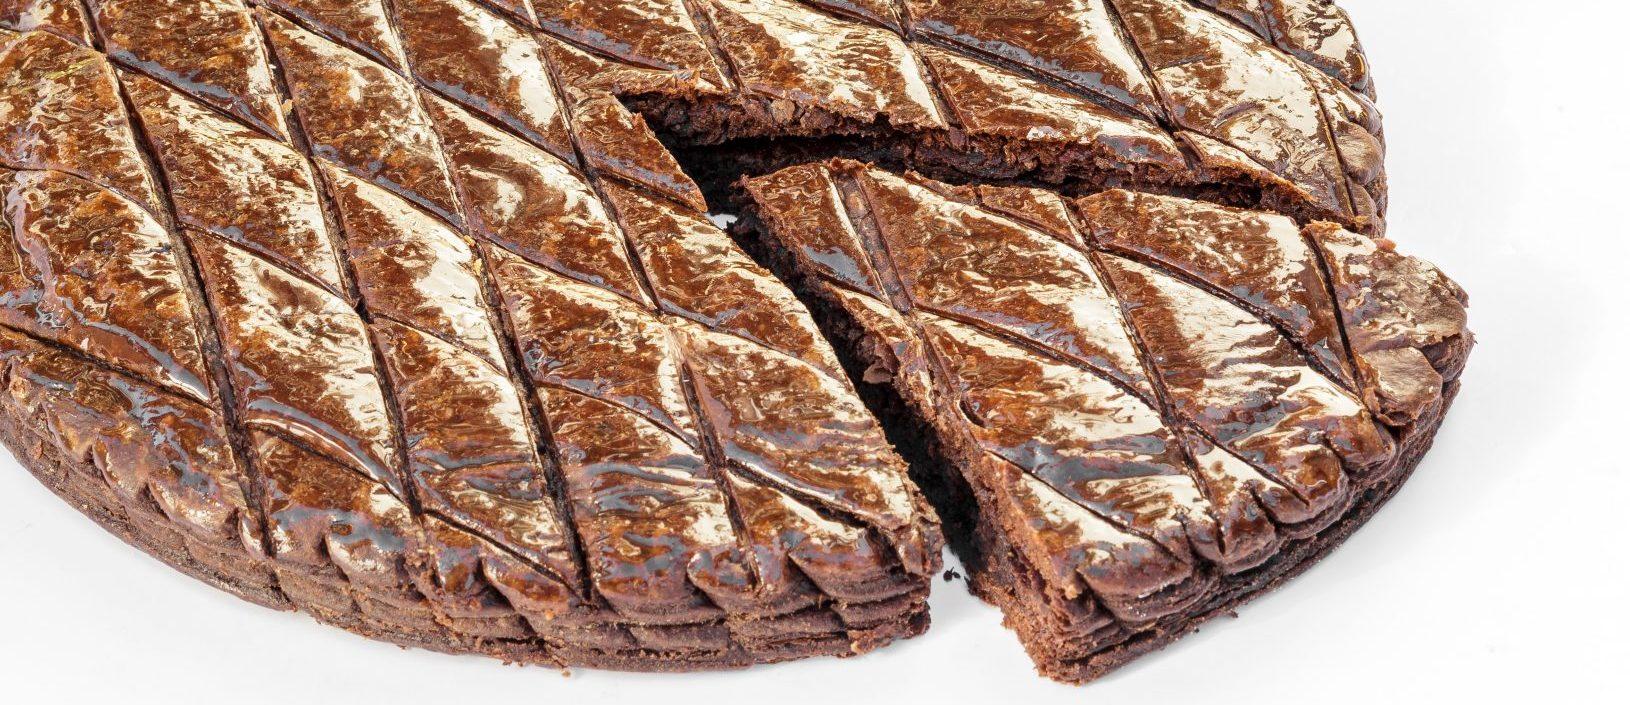 La galette au chocolat de la Maison Pradier